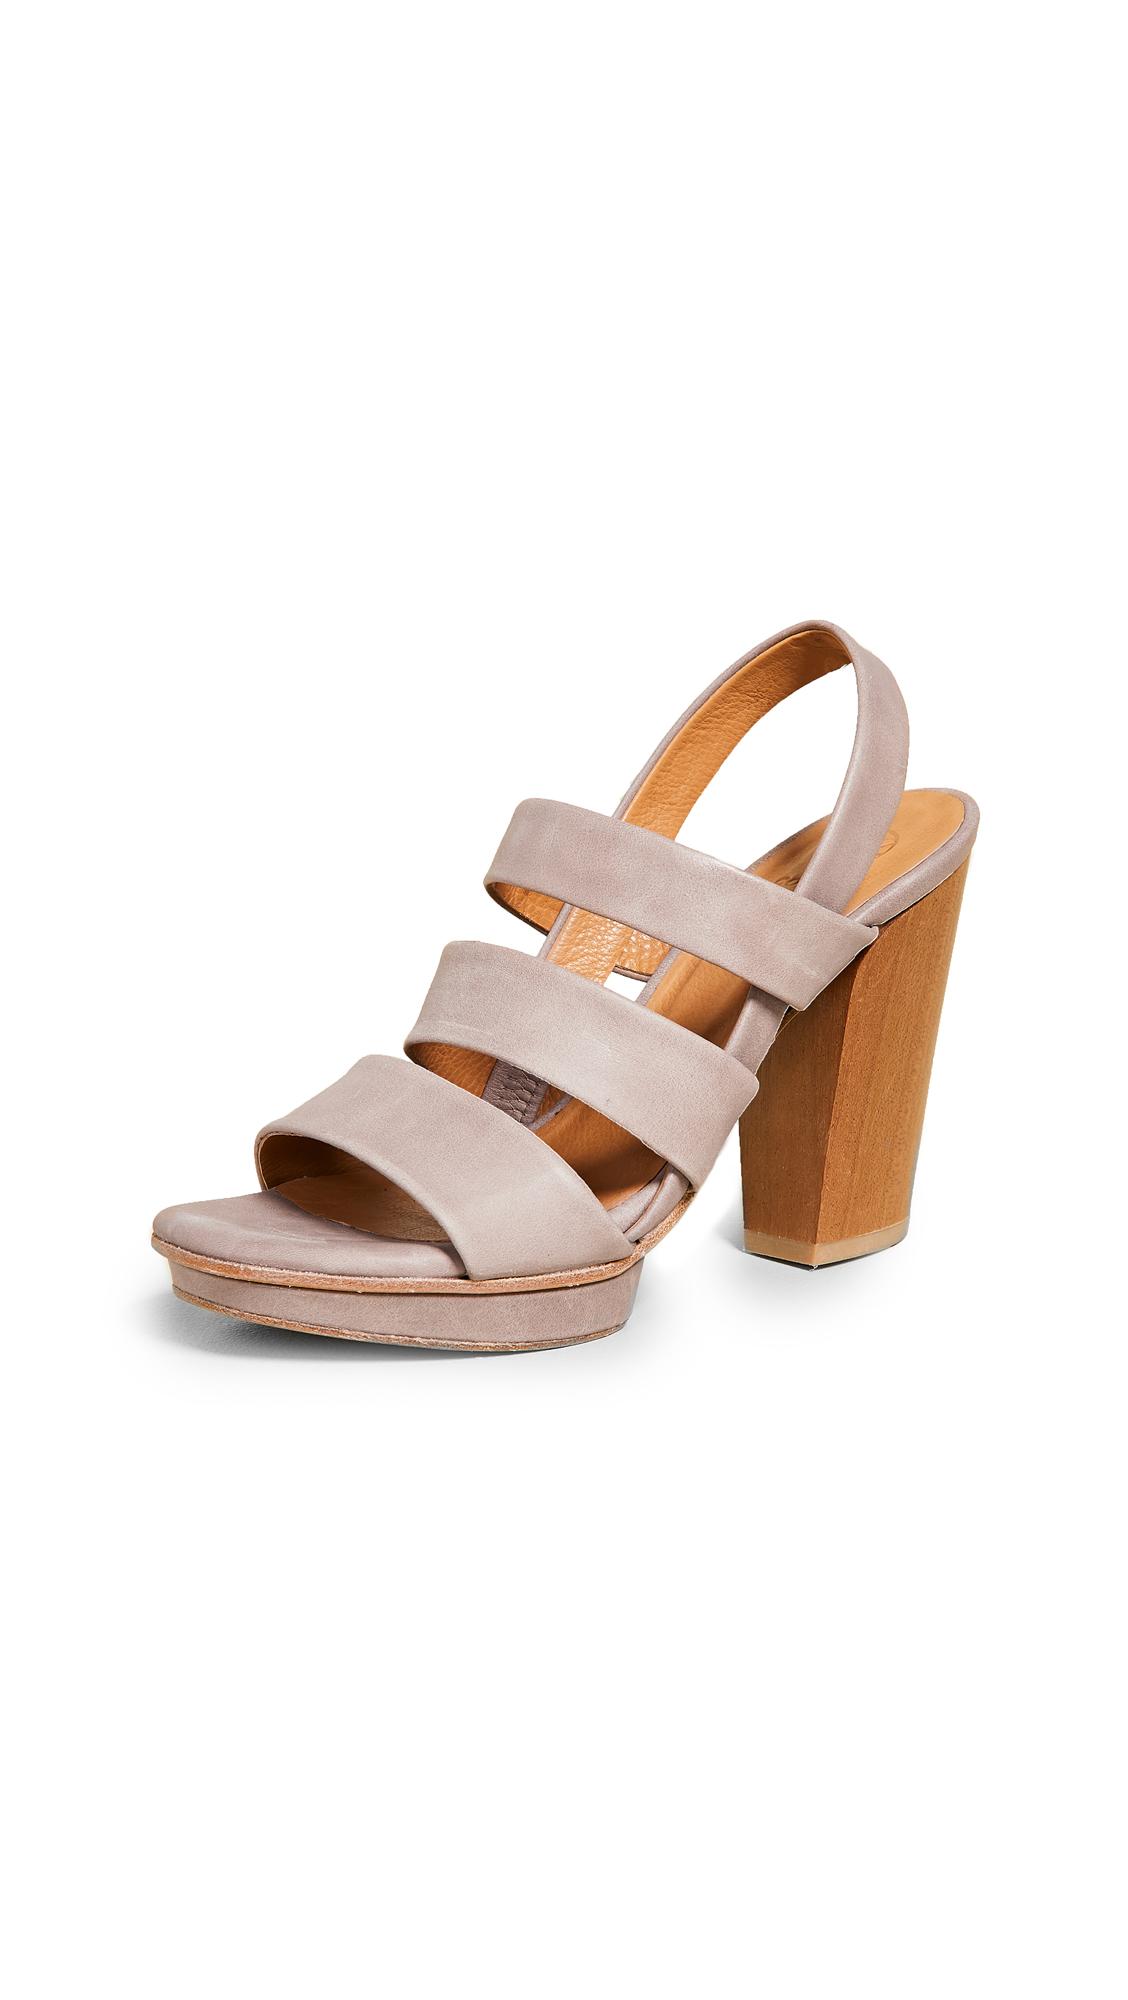 Coclico Shoes Una Strappy Sandals - Talco Faun